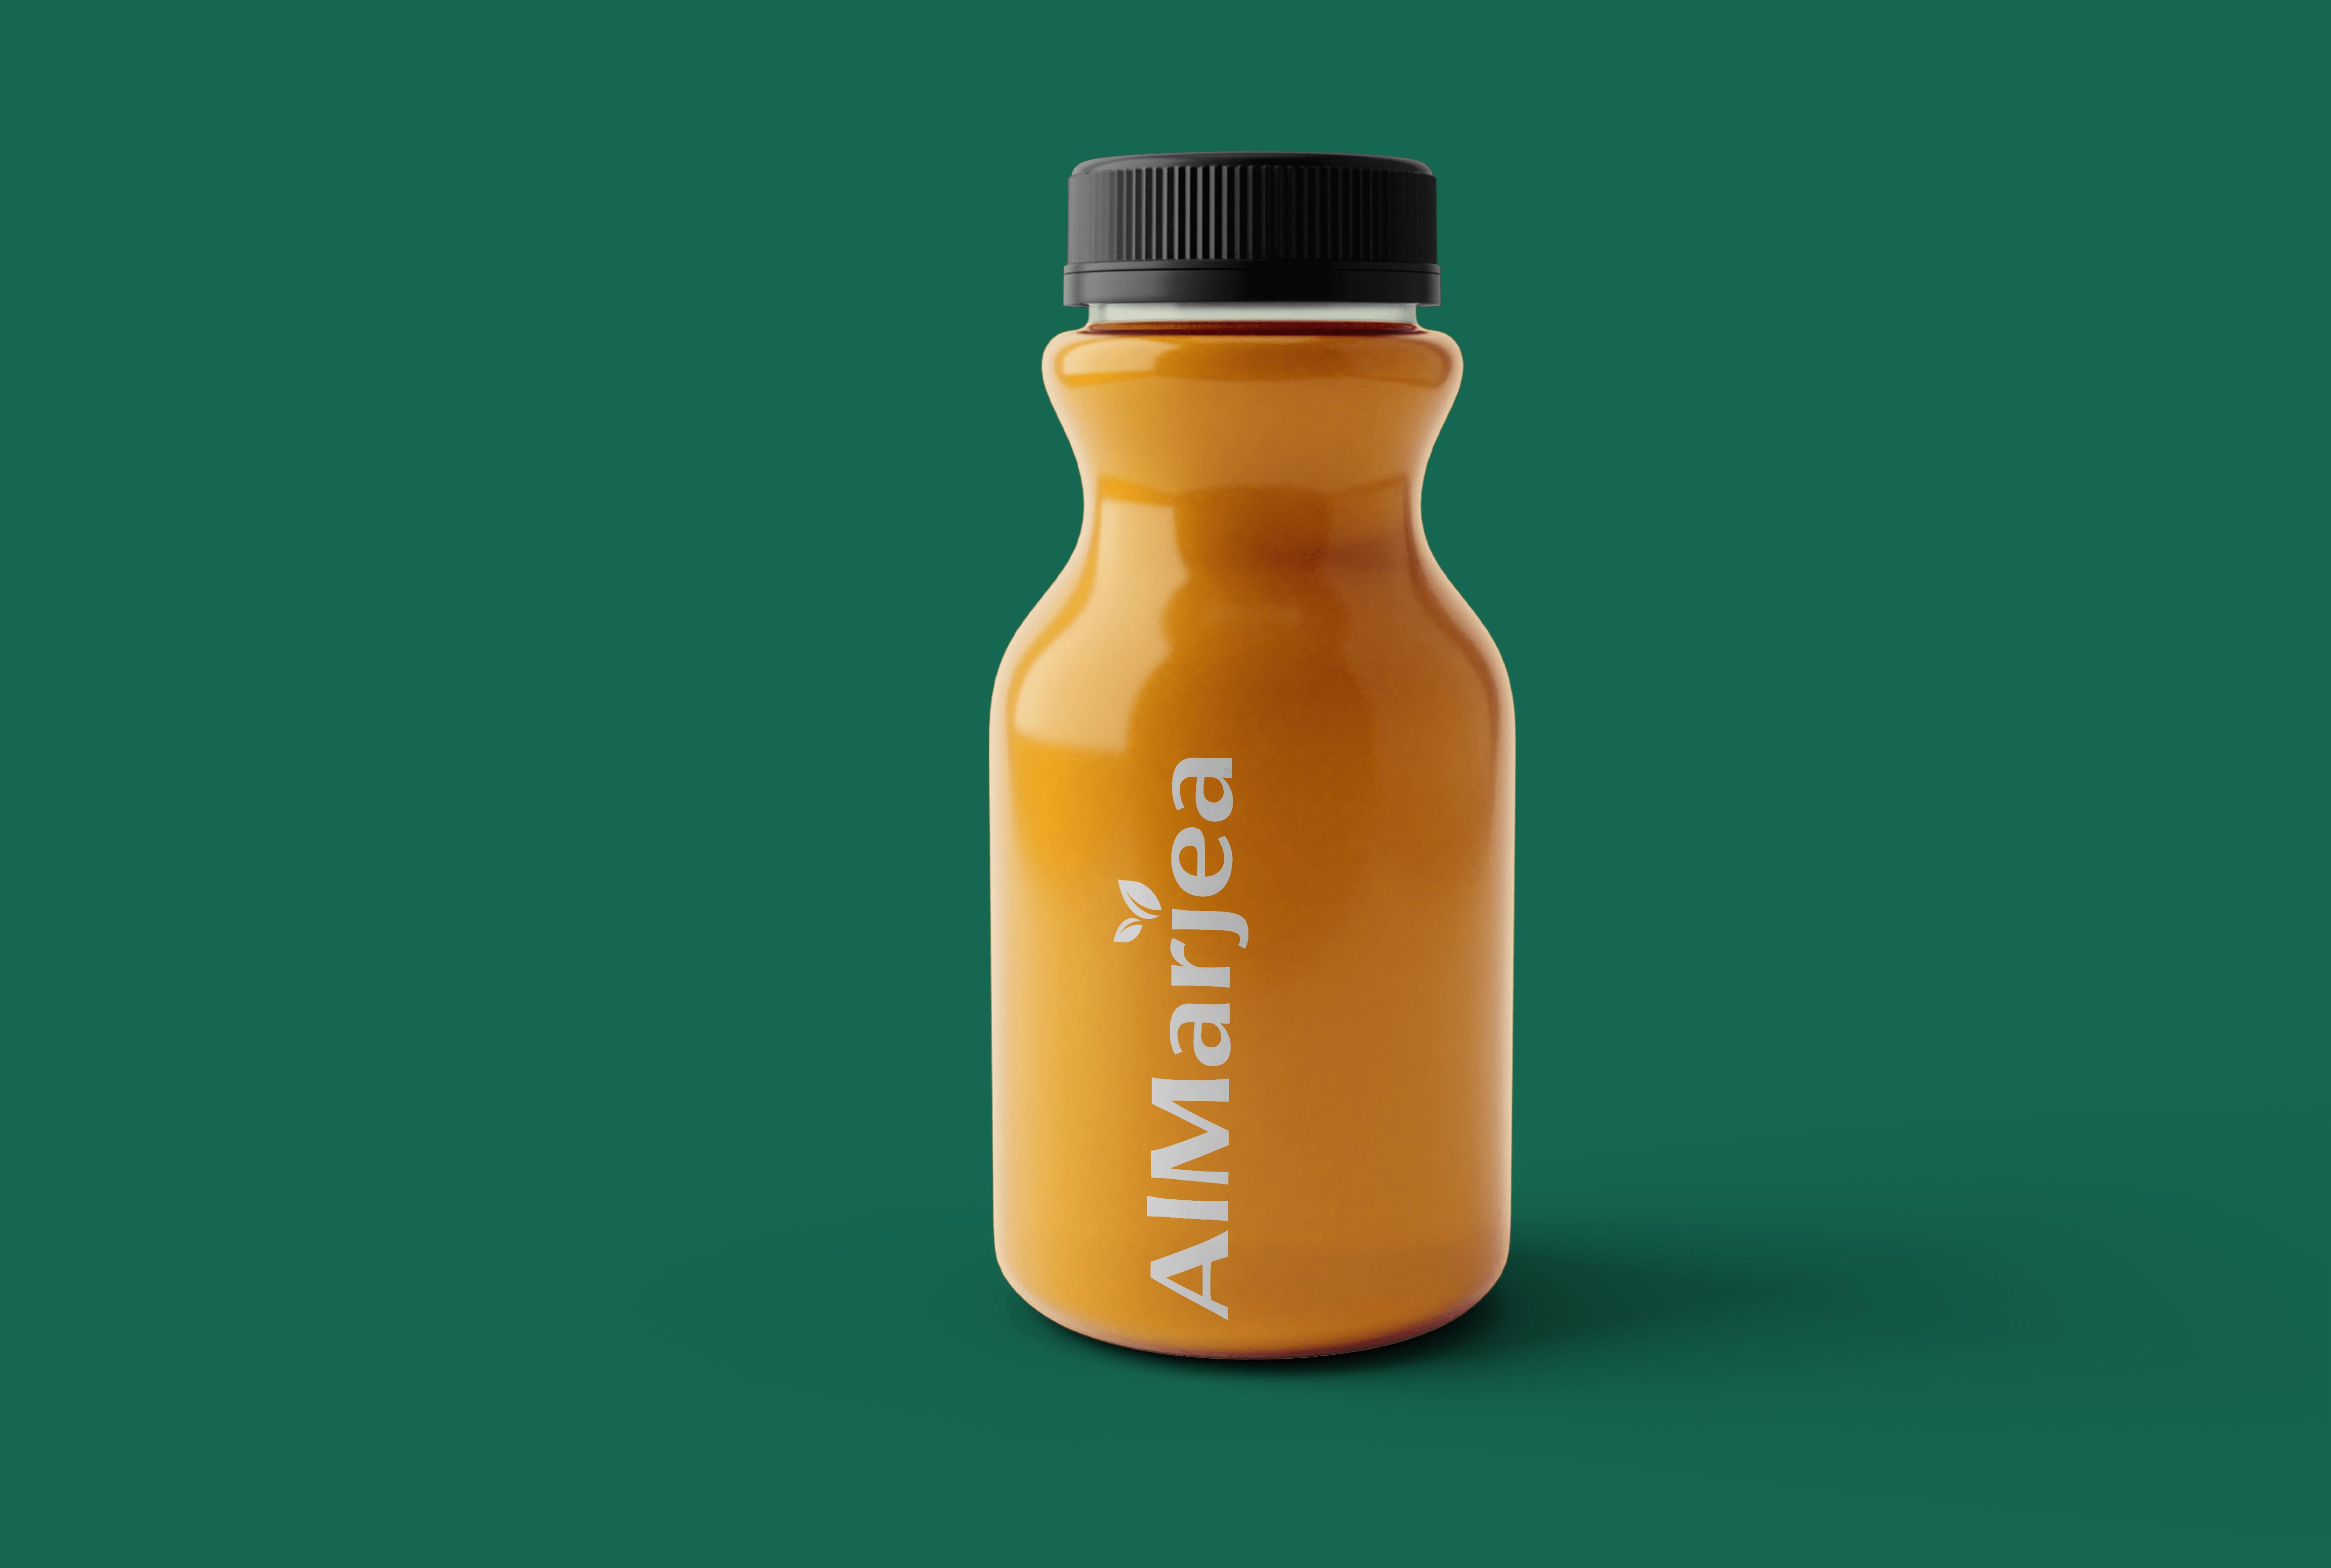 AlMarjea logo on juice bottle